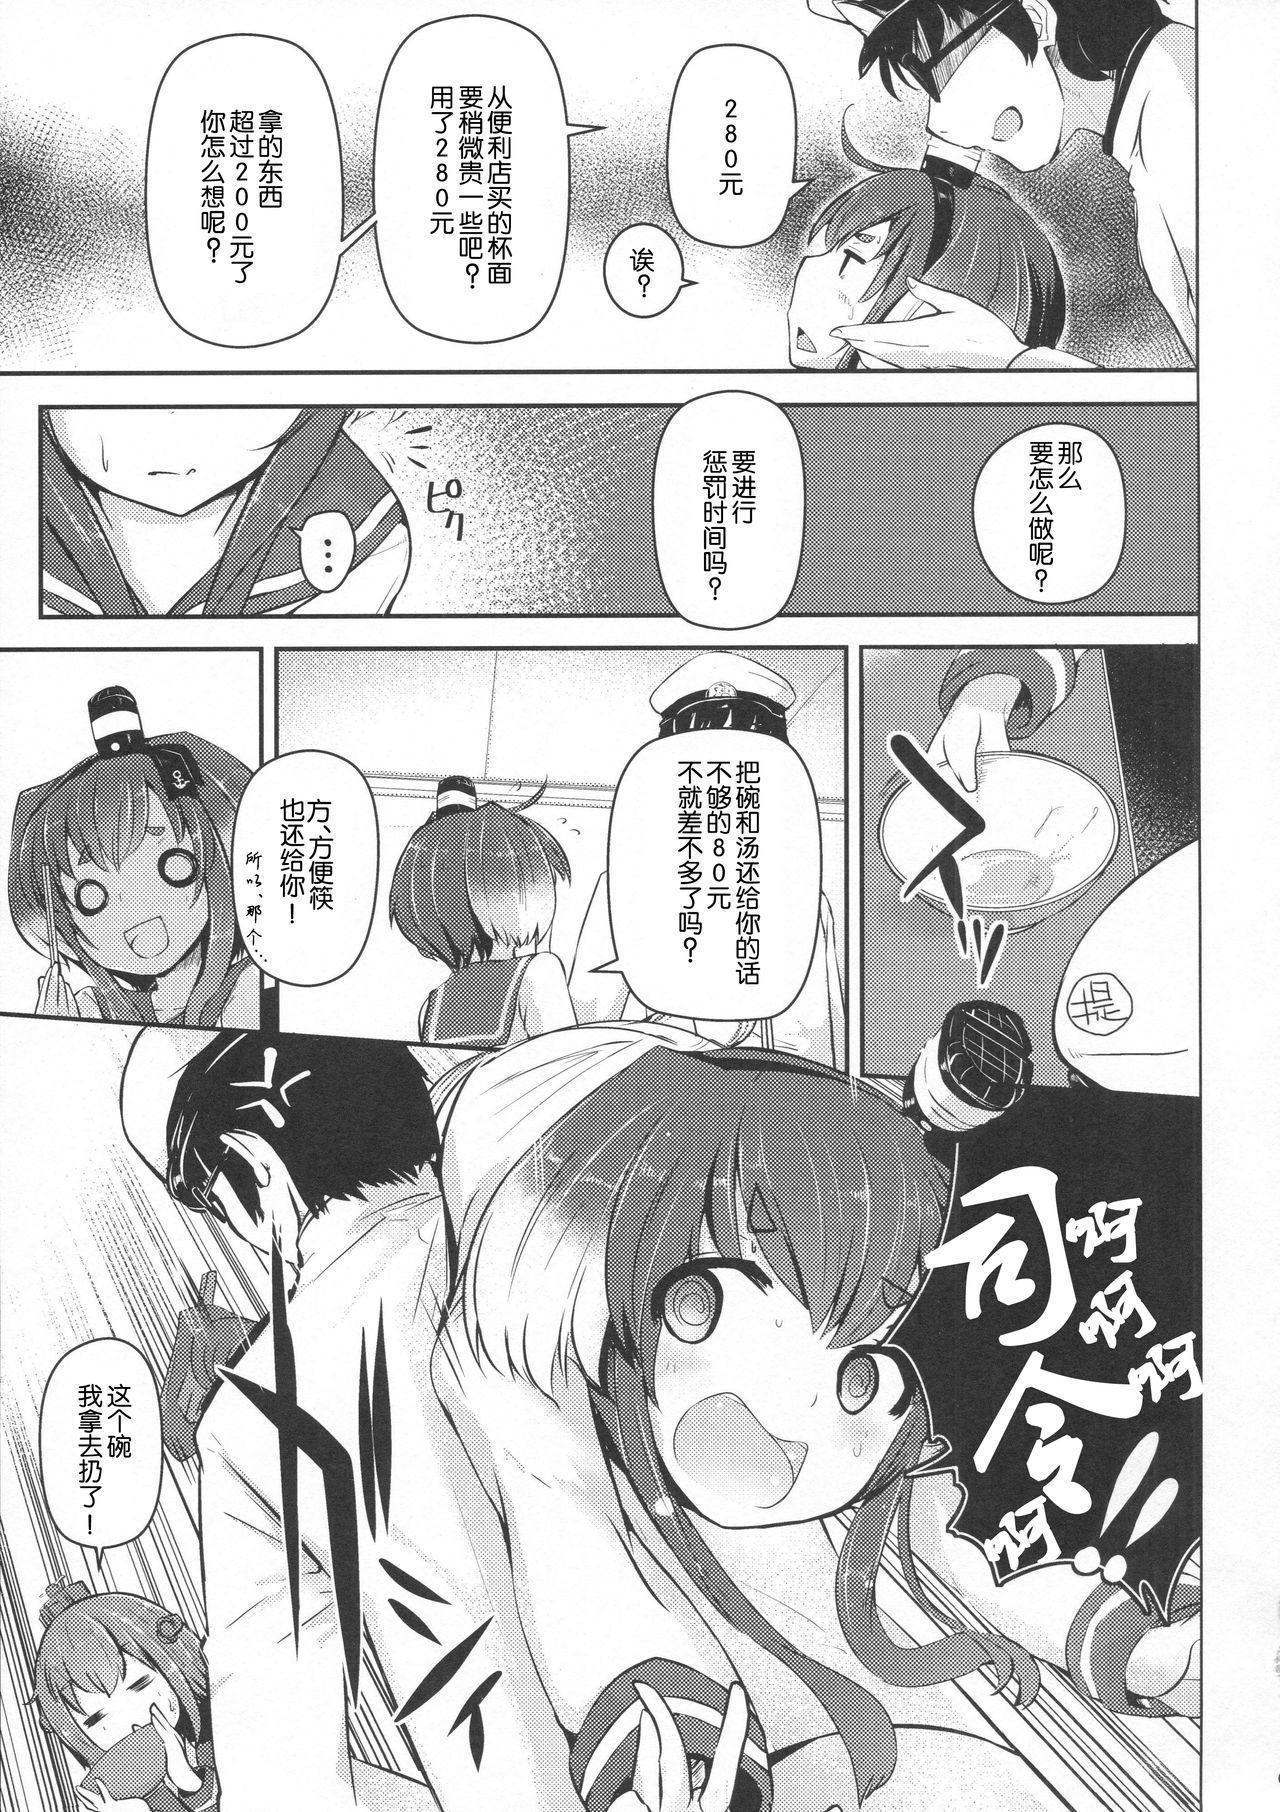 Tokitsukaze to Isshoni. San 3